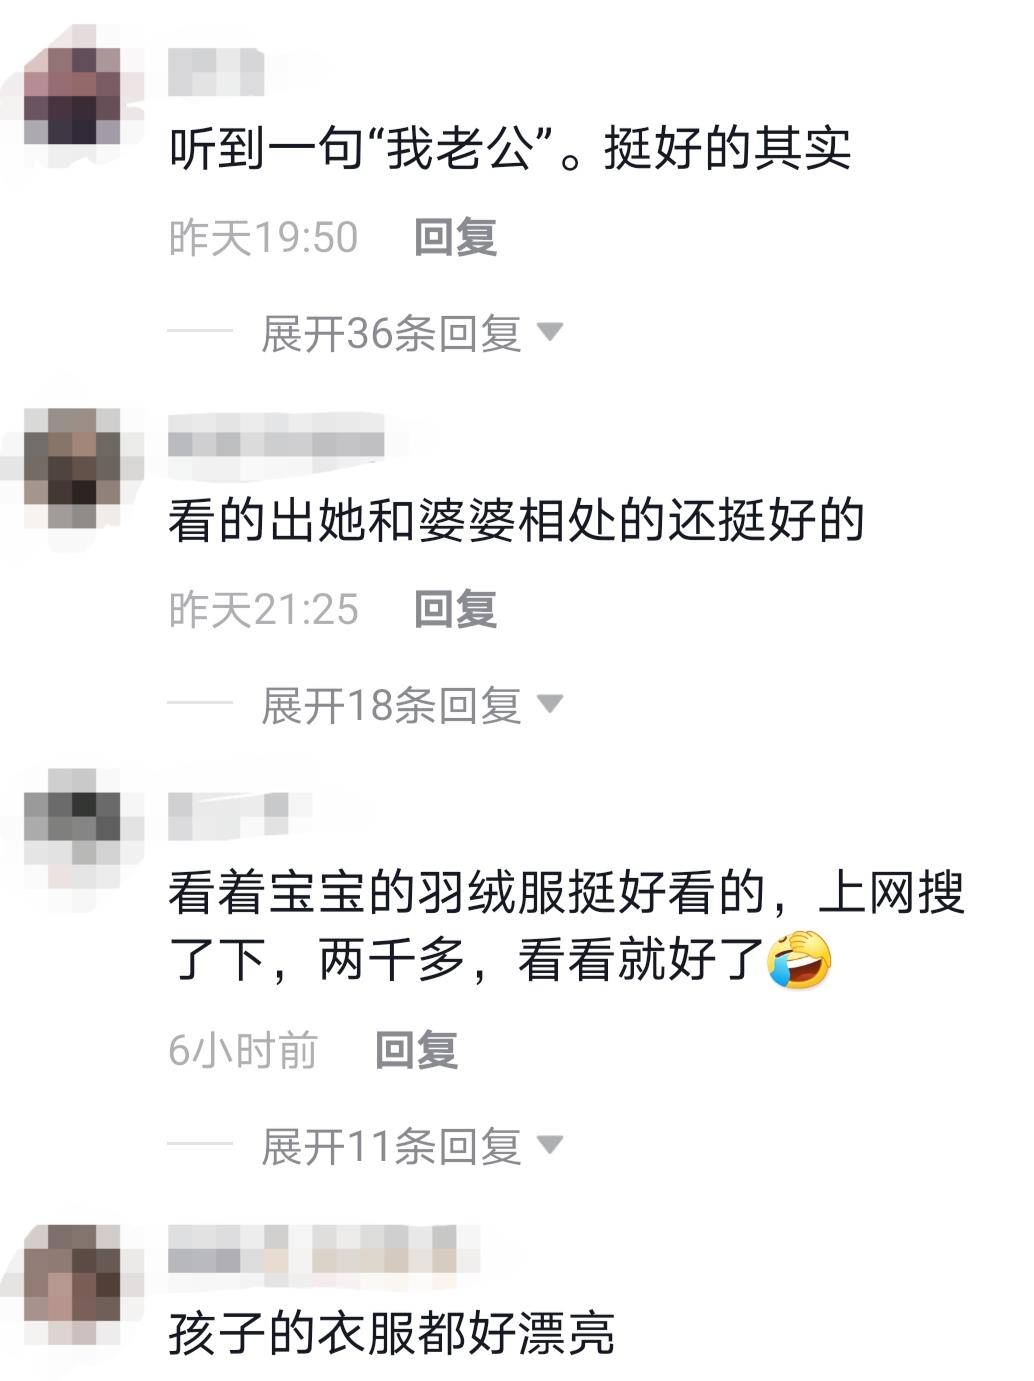 张子萱生活好奢侈!一双拖鞋4000多,首谈与陈赫妈妈相处日常